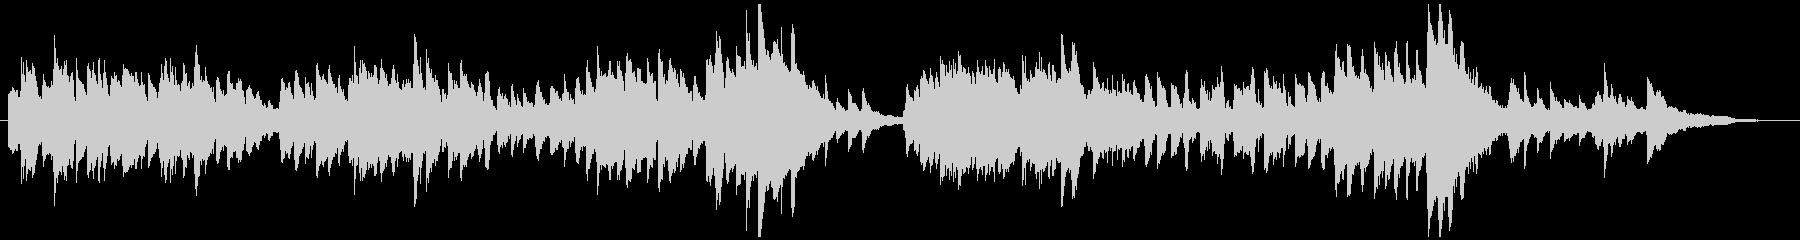 音楽的な楽曲 クラシカルの未再生の波形